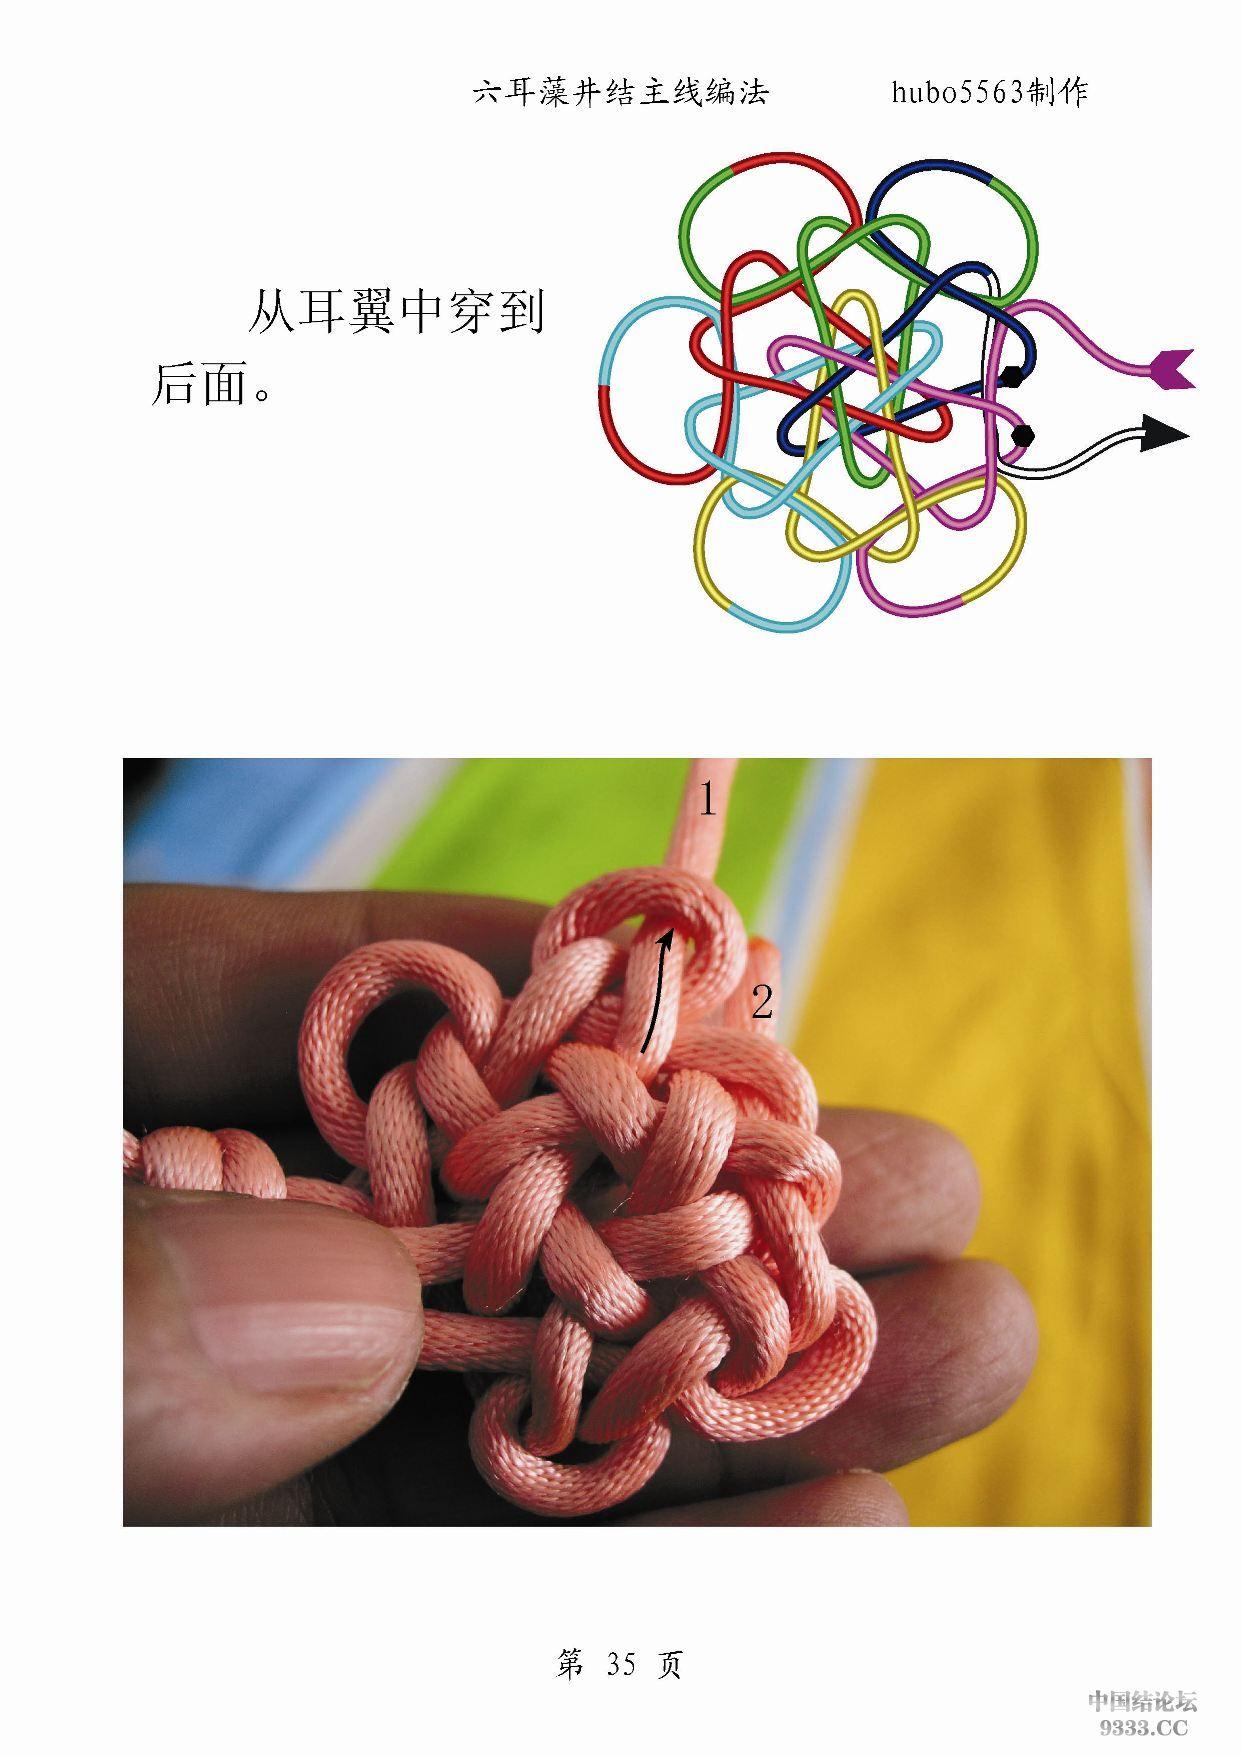 中国结论坛 原创新结---六耳藻井结主线编法徒手教程  基本结-新手入门必看 1002192216fbc75e5869a81328